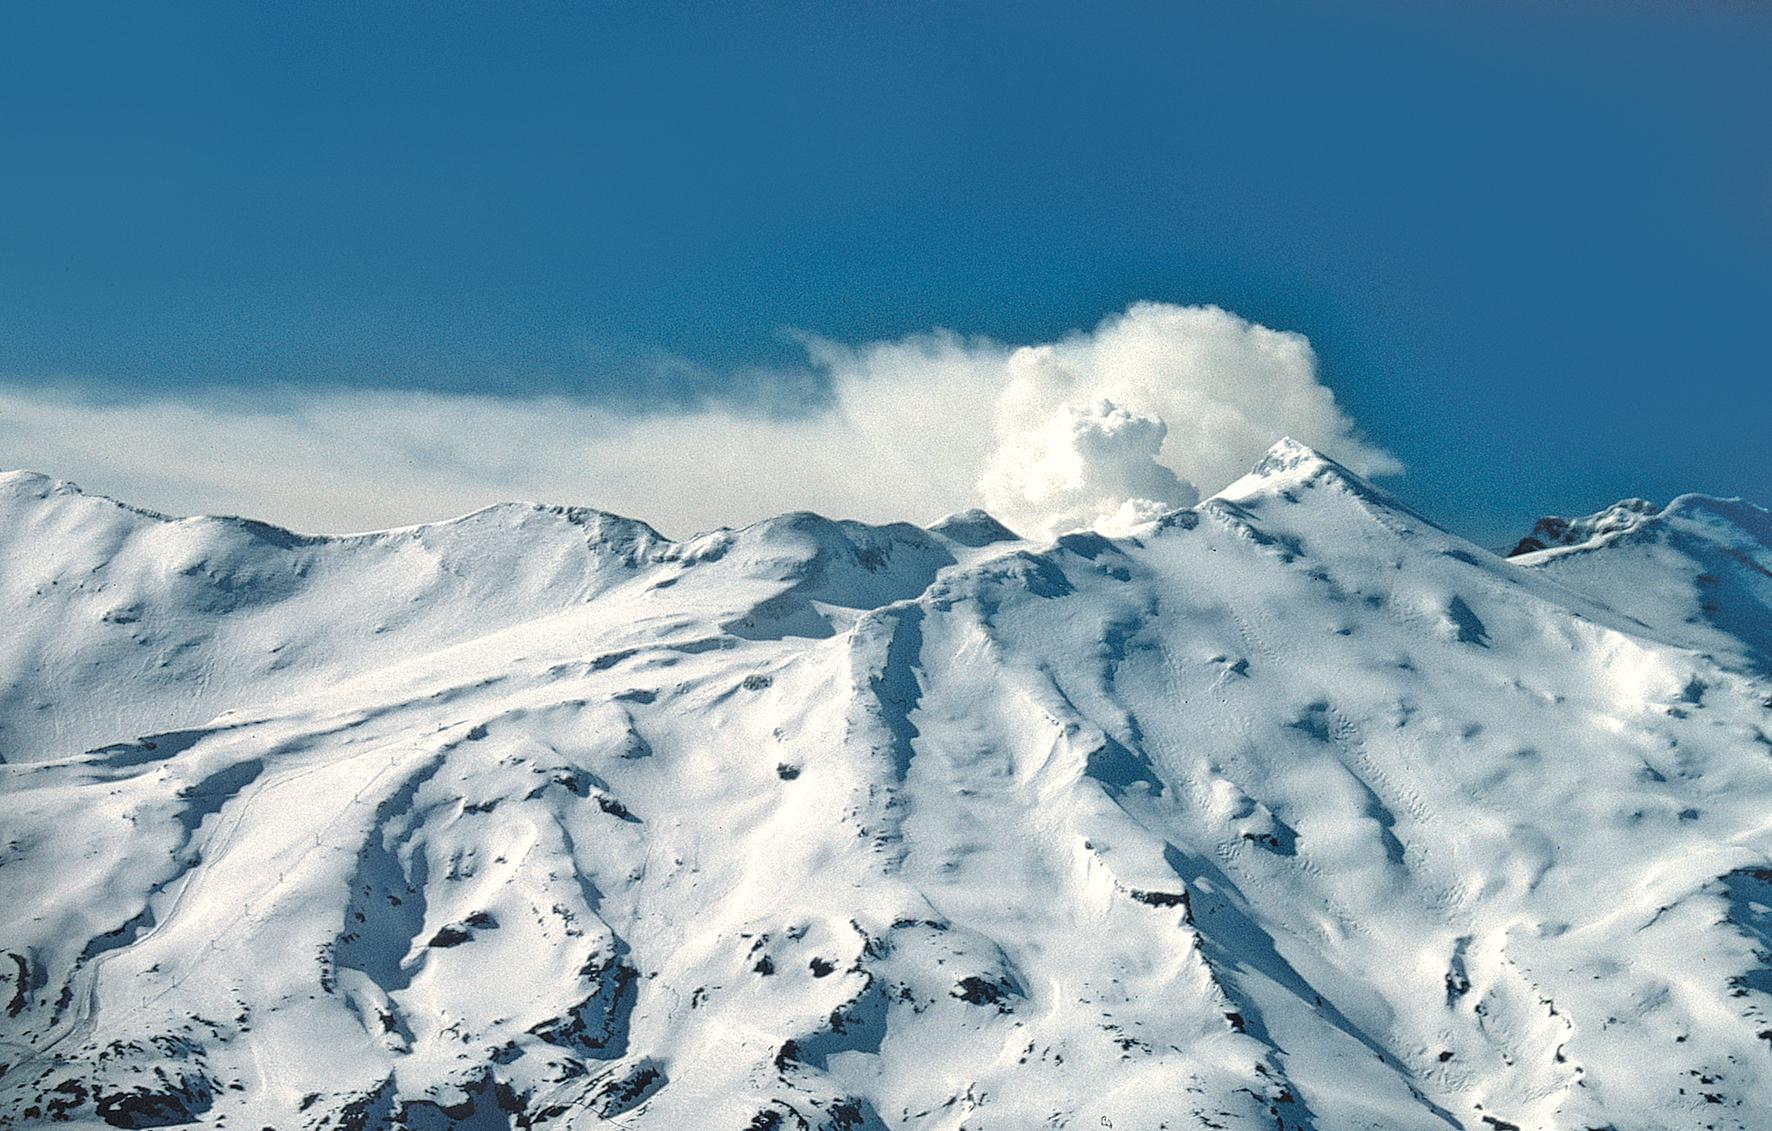 L'énorme massif du Ruapehu (2 796 m), durant son éruption de juin 1996. On peut le parcourir en suivant d'innombrables sentiers durant la belle saison.